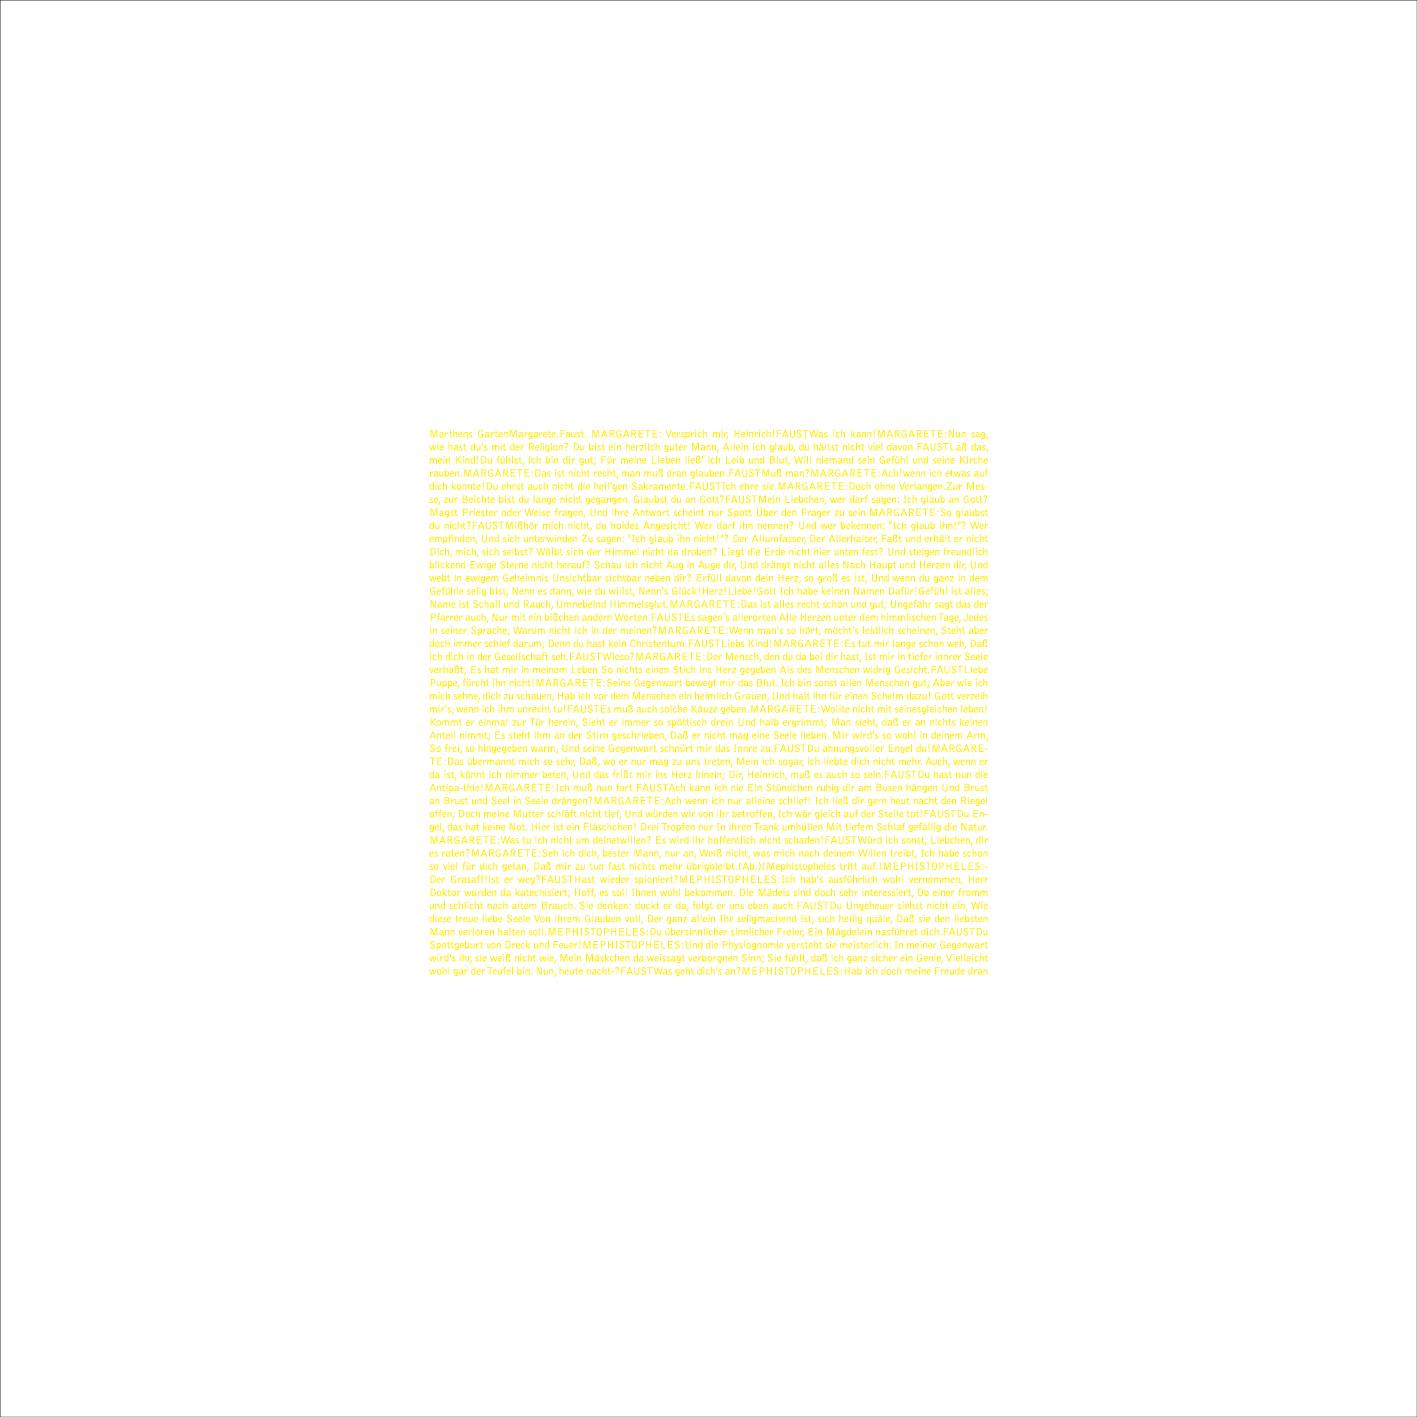 Faustisches Quadrat - Kap Einl_u_Hauptteil einzel19